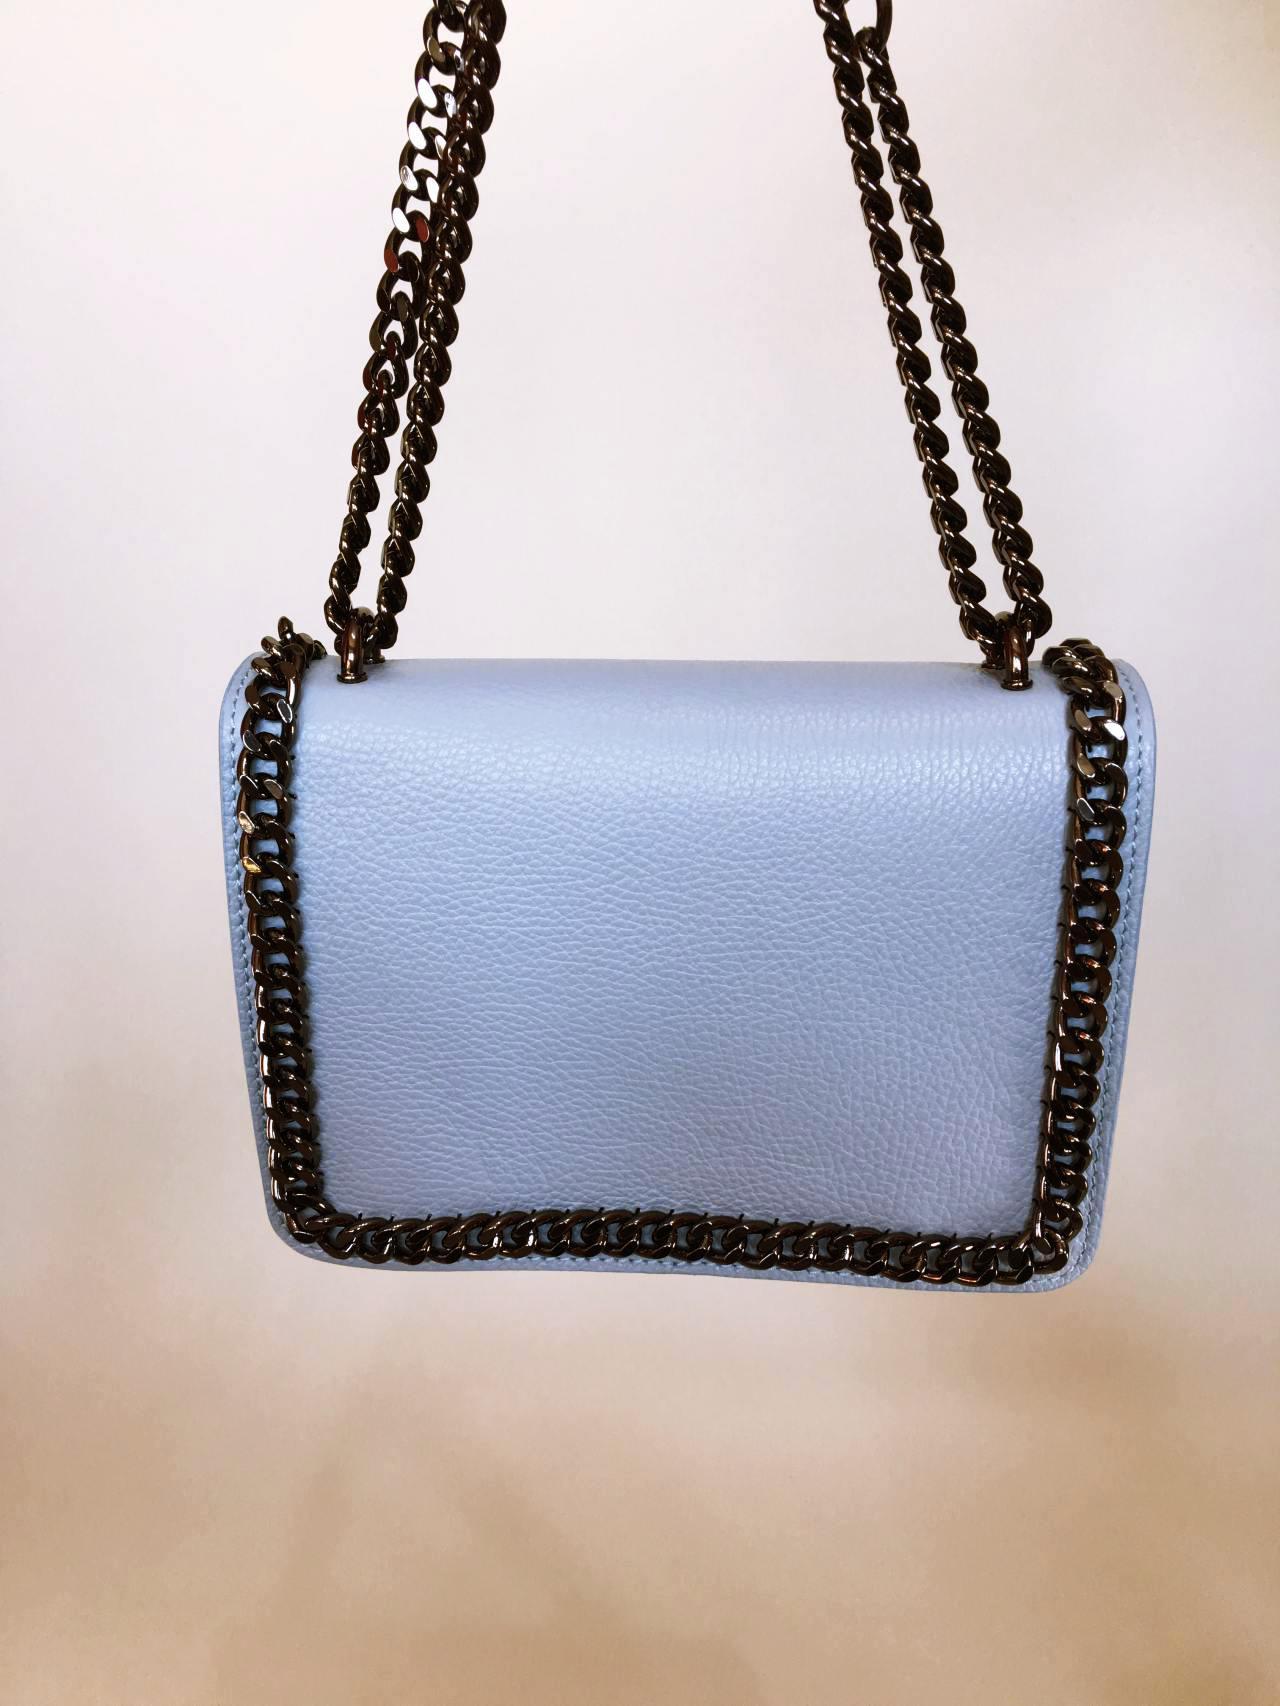 Kožená kabelka Donna světle modrá 07